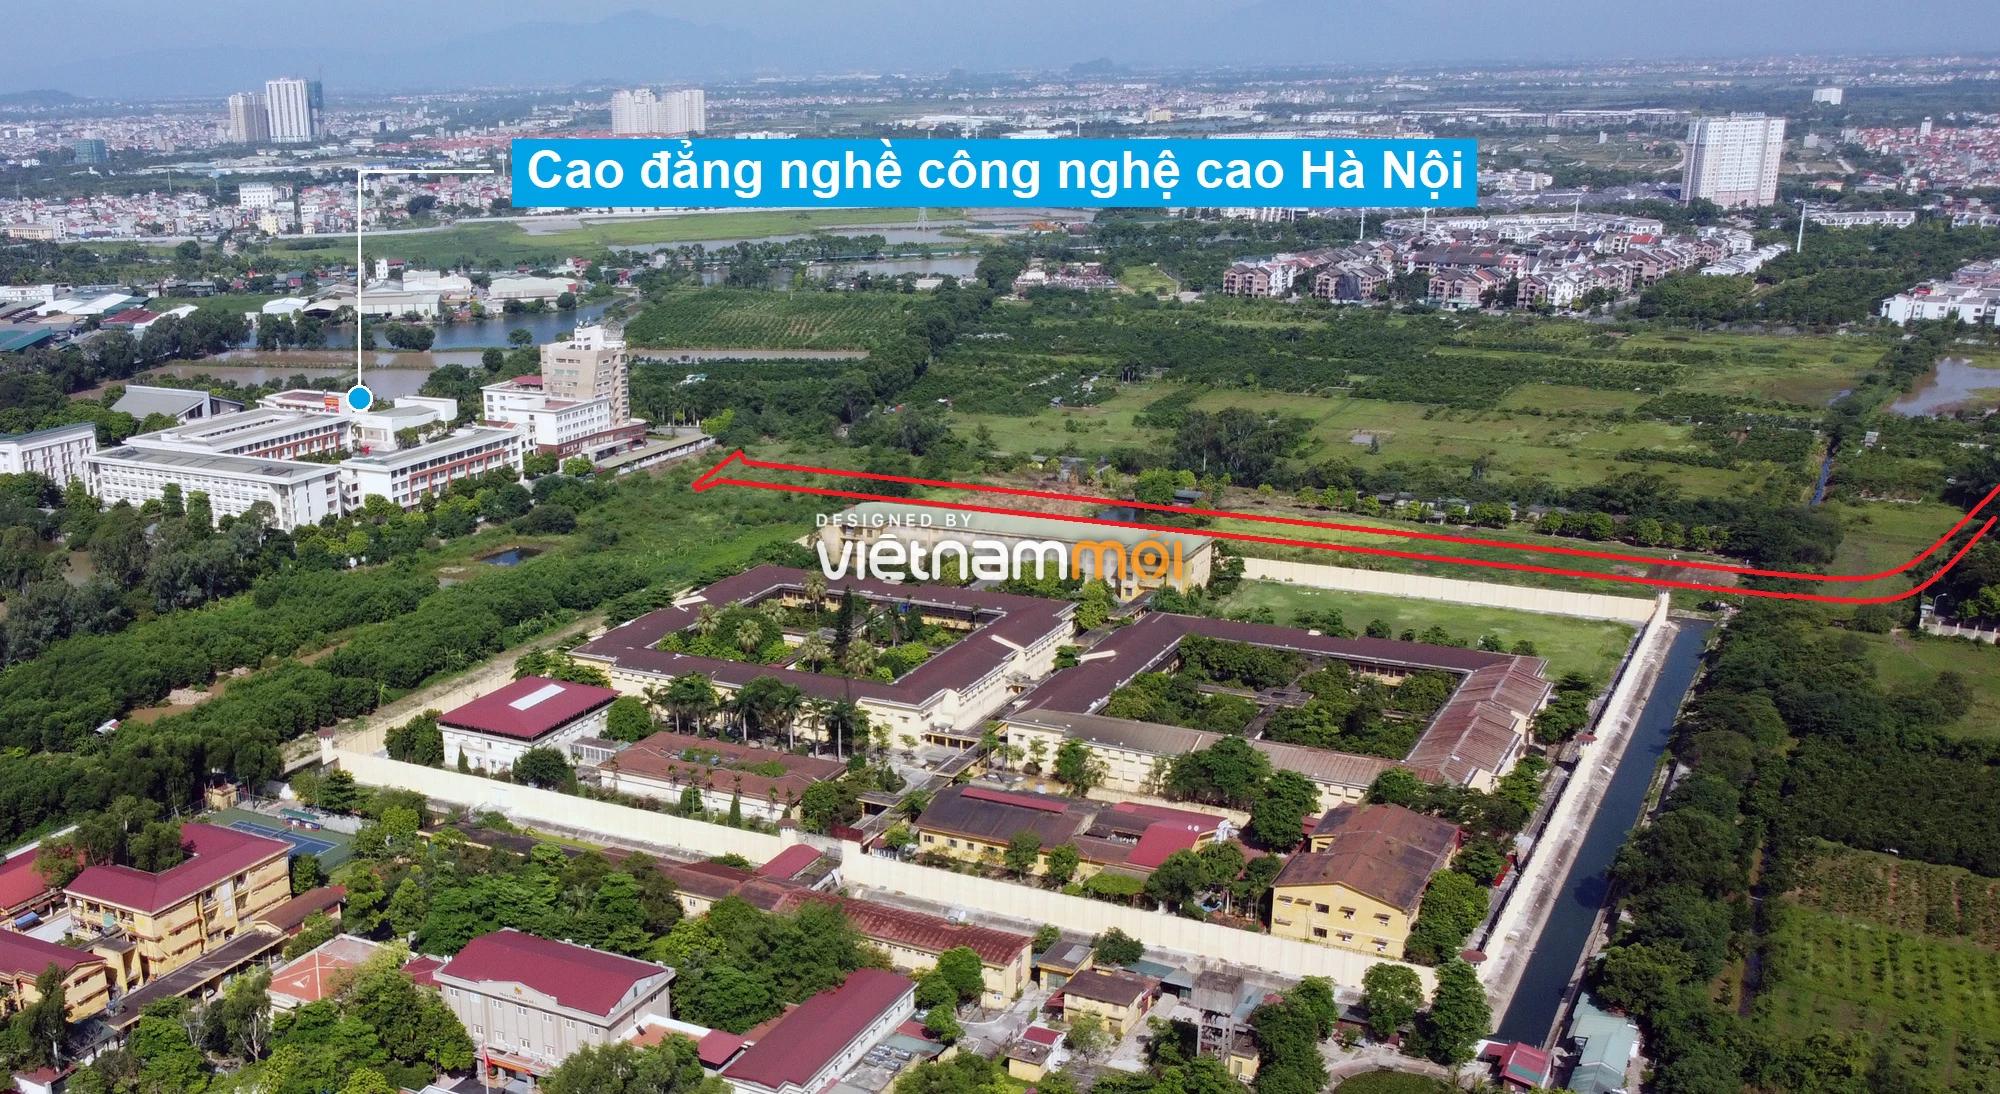 Những khu đất sắp thu hồi để mở đường ở phường Xuân Phương, Nam Từ Liêm, Hà Nội (phần 8) - Ảnh 12.